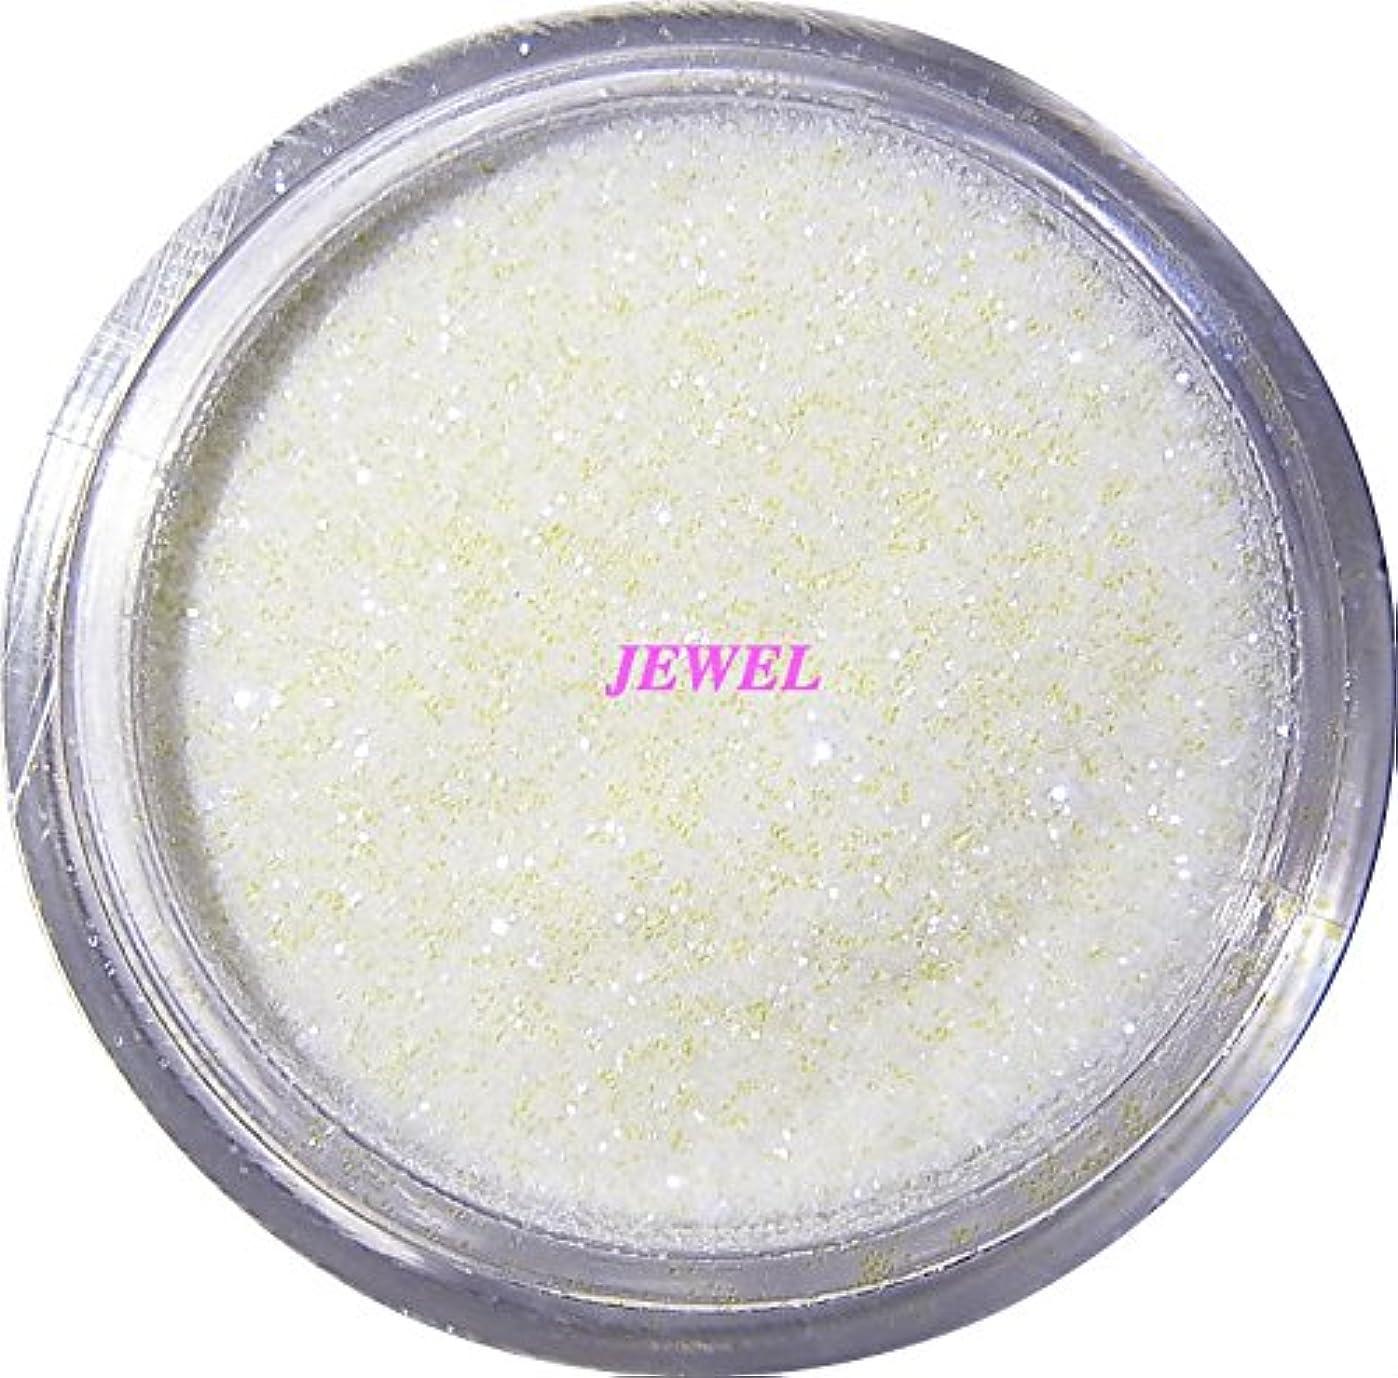 モジュールイースター友だち【jewel】 超微粒子ラメパウダーたっぷり2g入り 12色から選択可能 レジン&ネイル用 (パールホワイト)